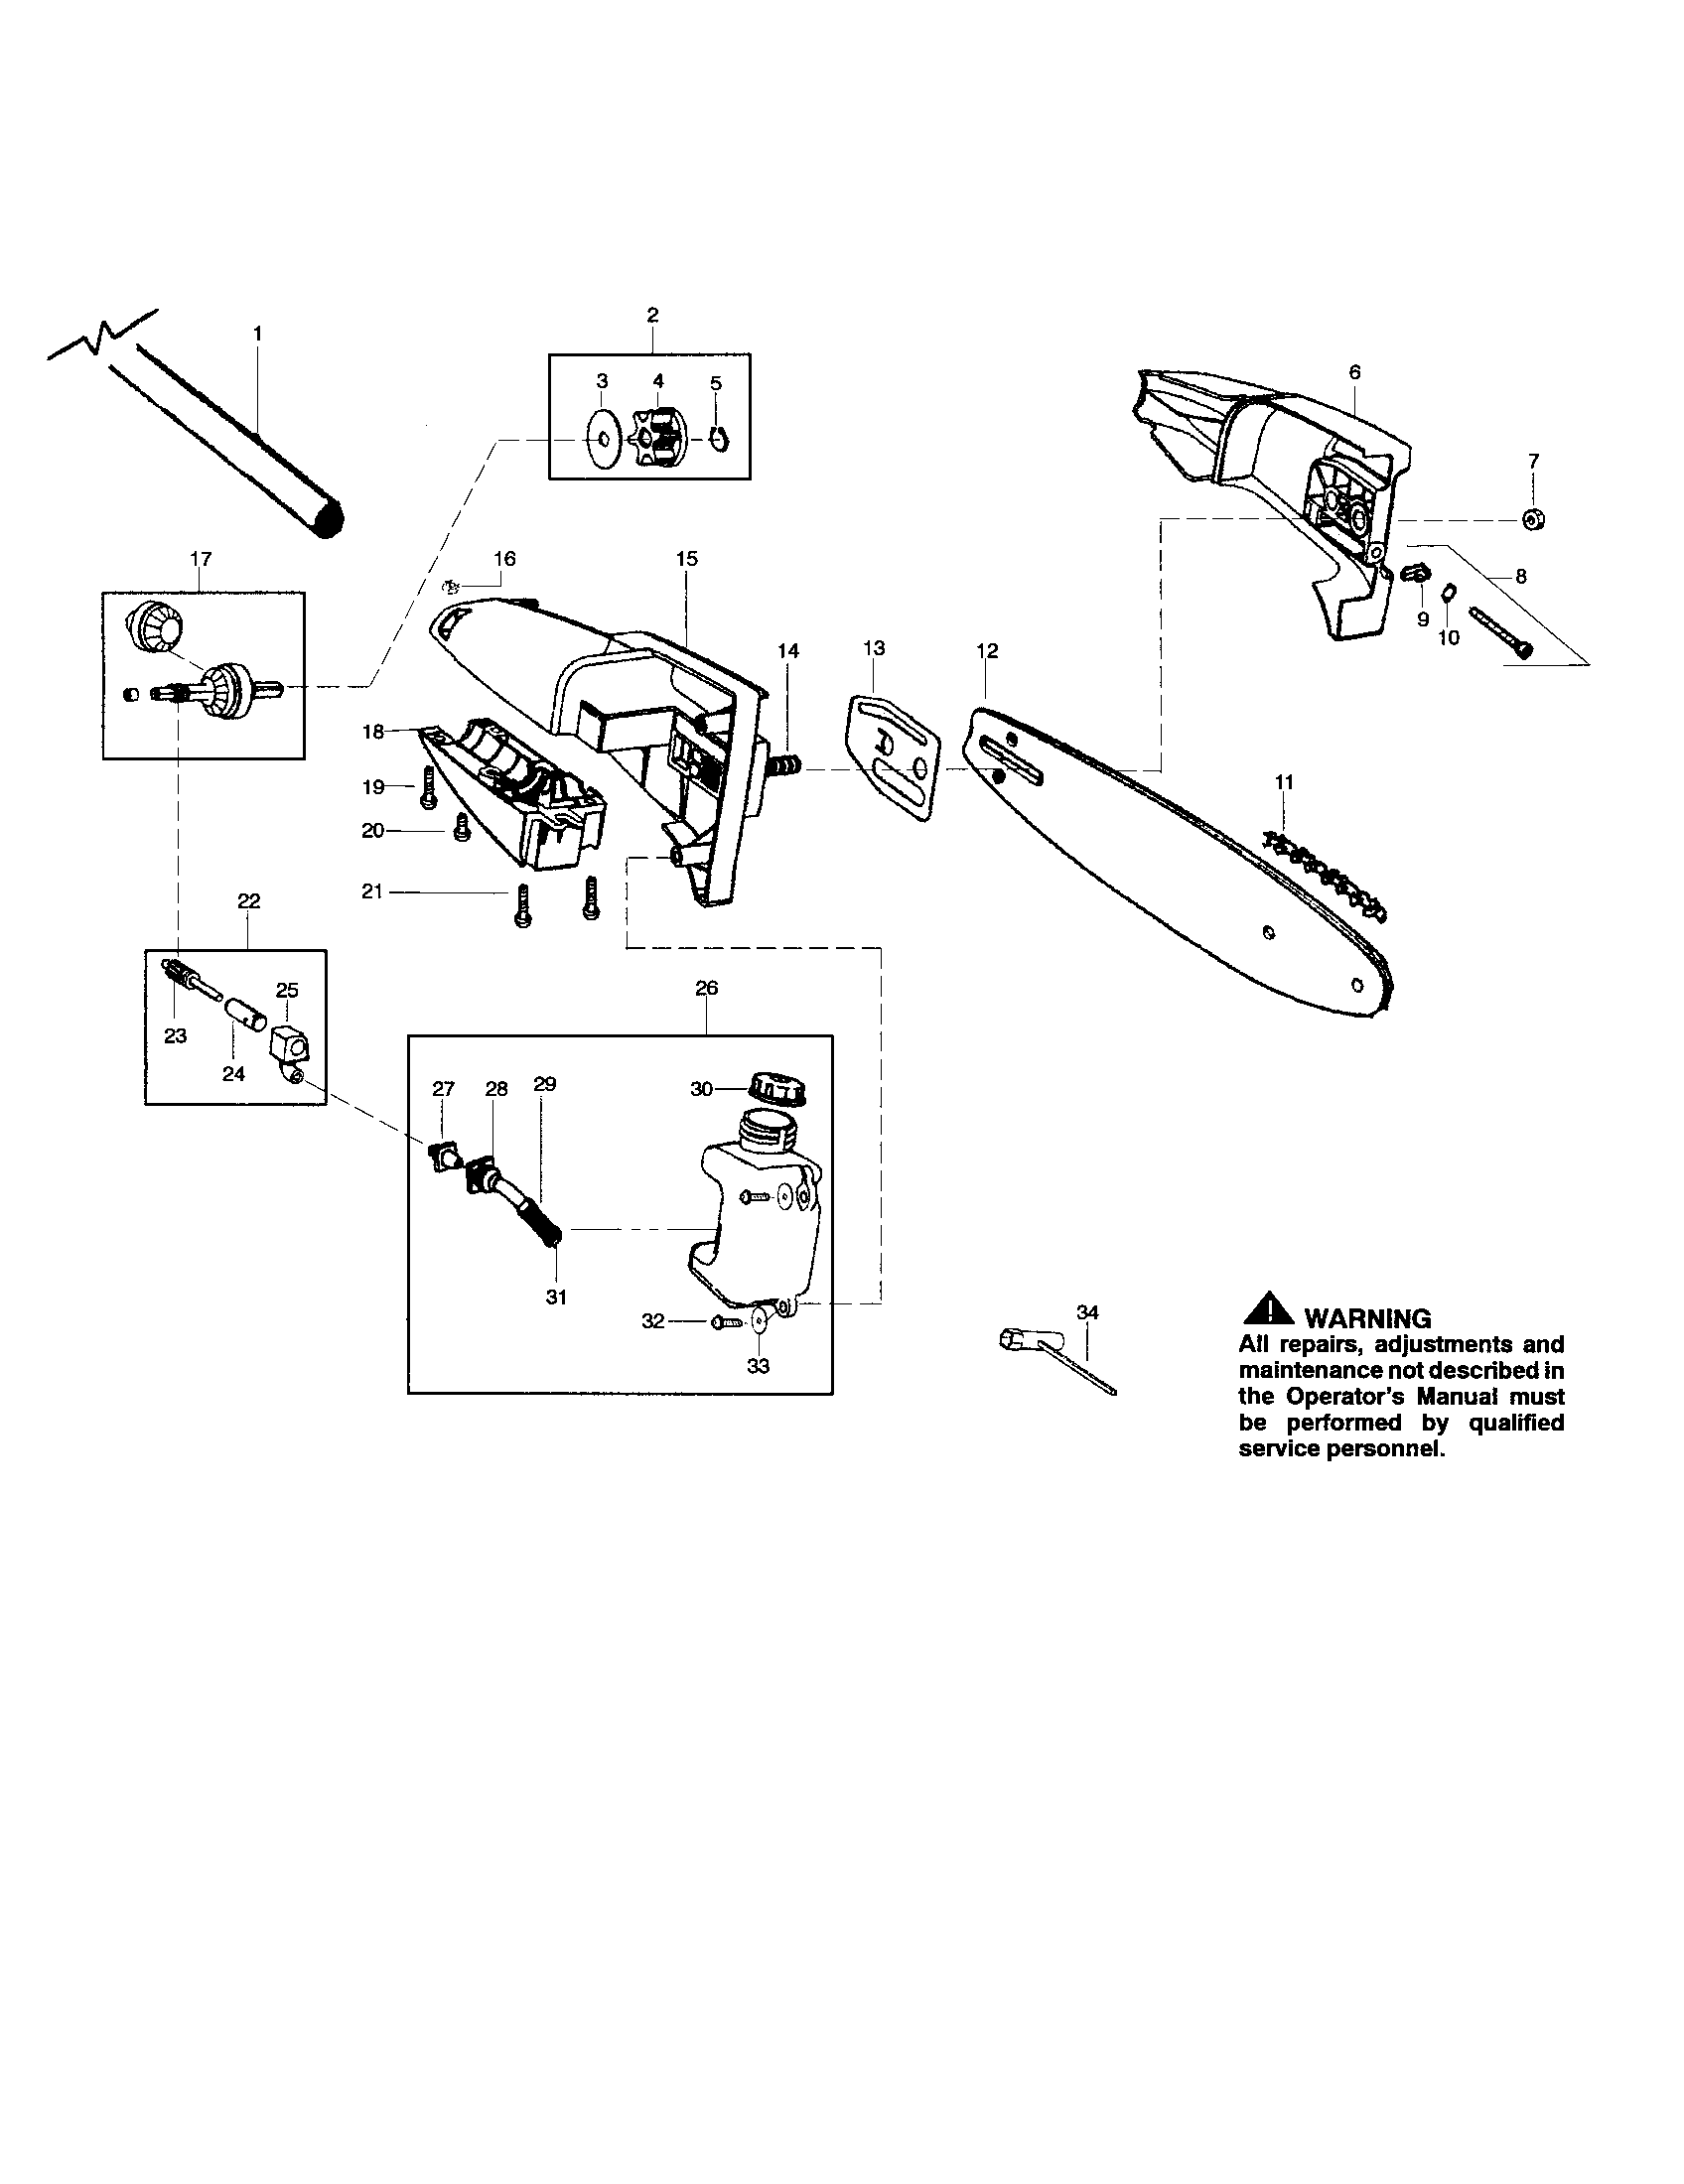 BAR/HOUSING/OIL TANK Diagram & Parts List for Model pp446